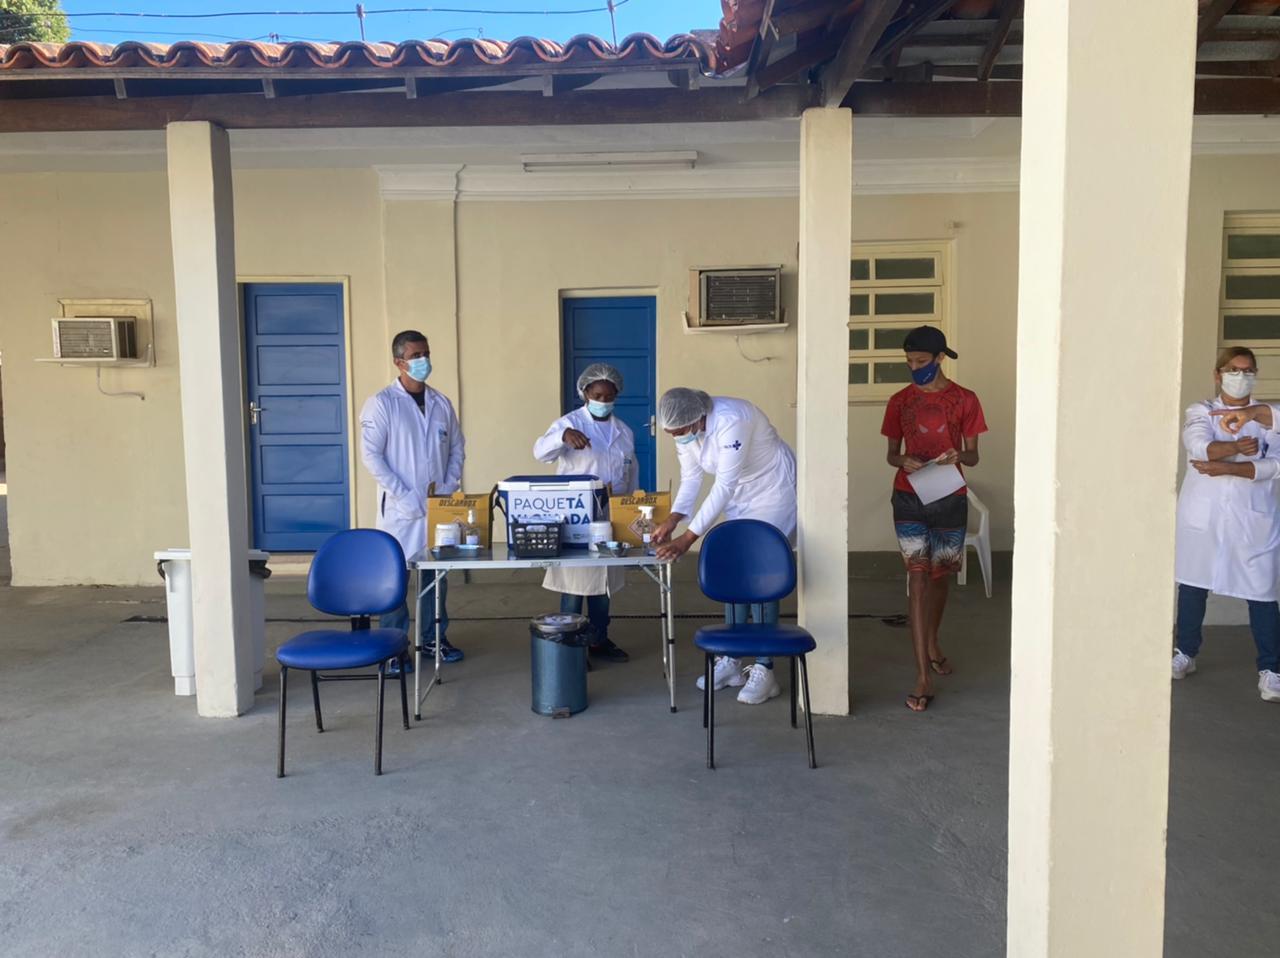 Imagem de um ponto de vacinação em Paquetá